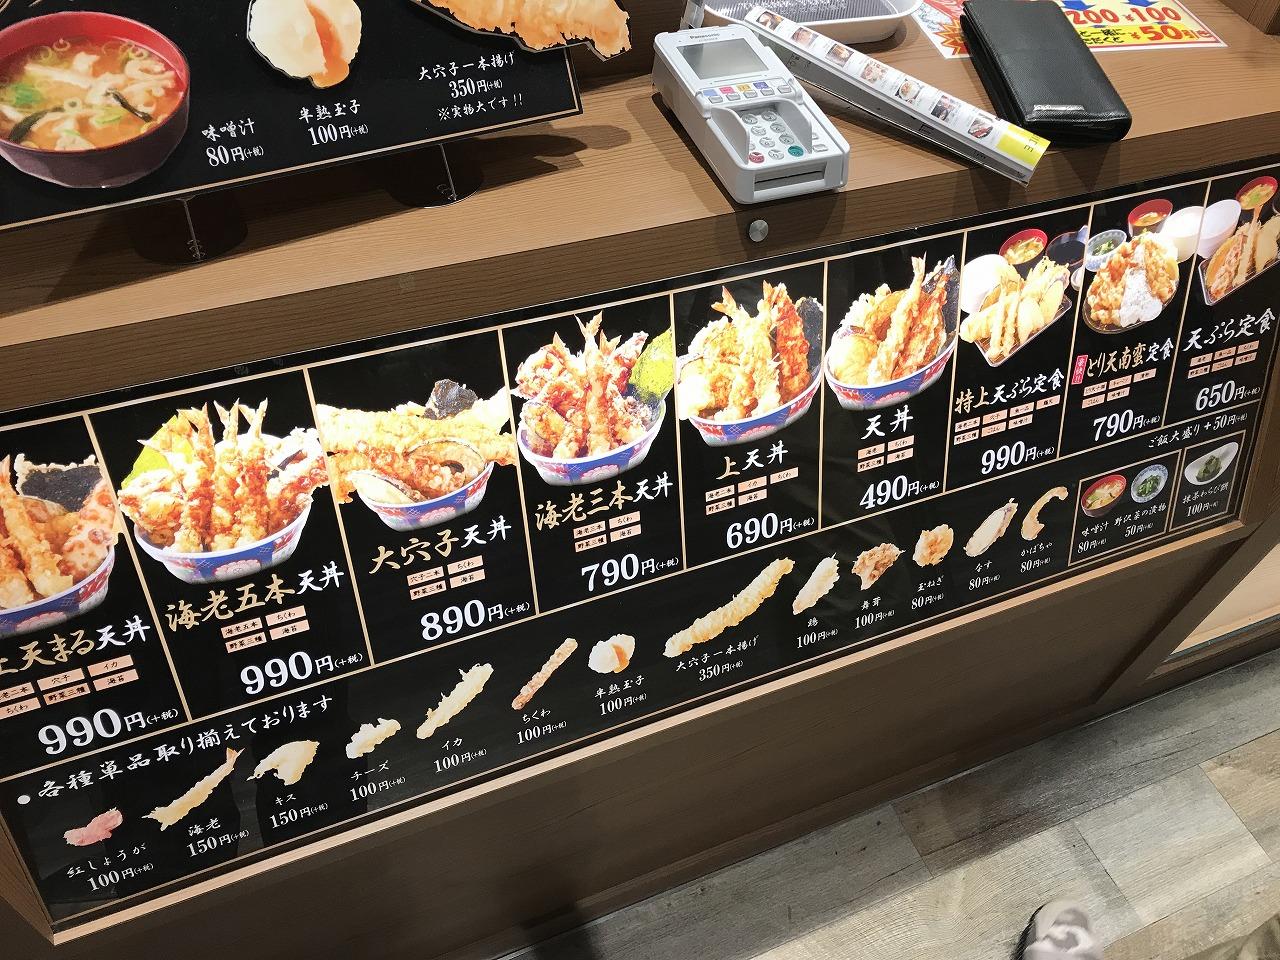 揚げ天まる(イオンモール宮崎店)のメニュー